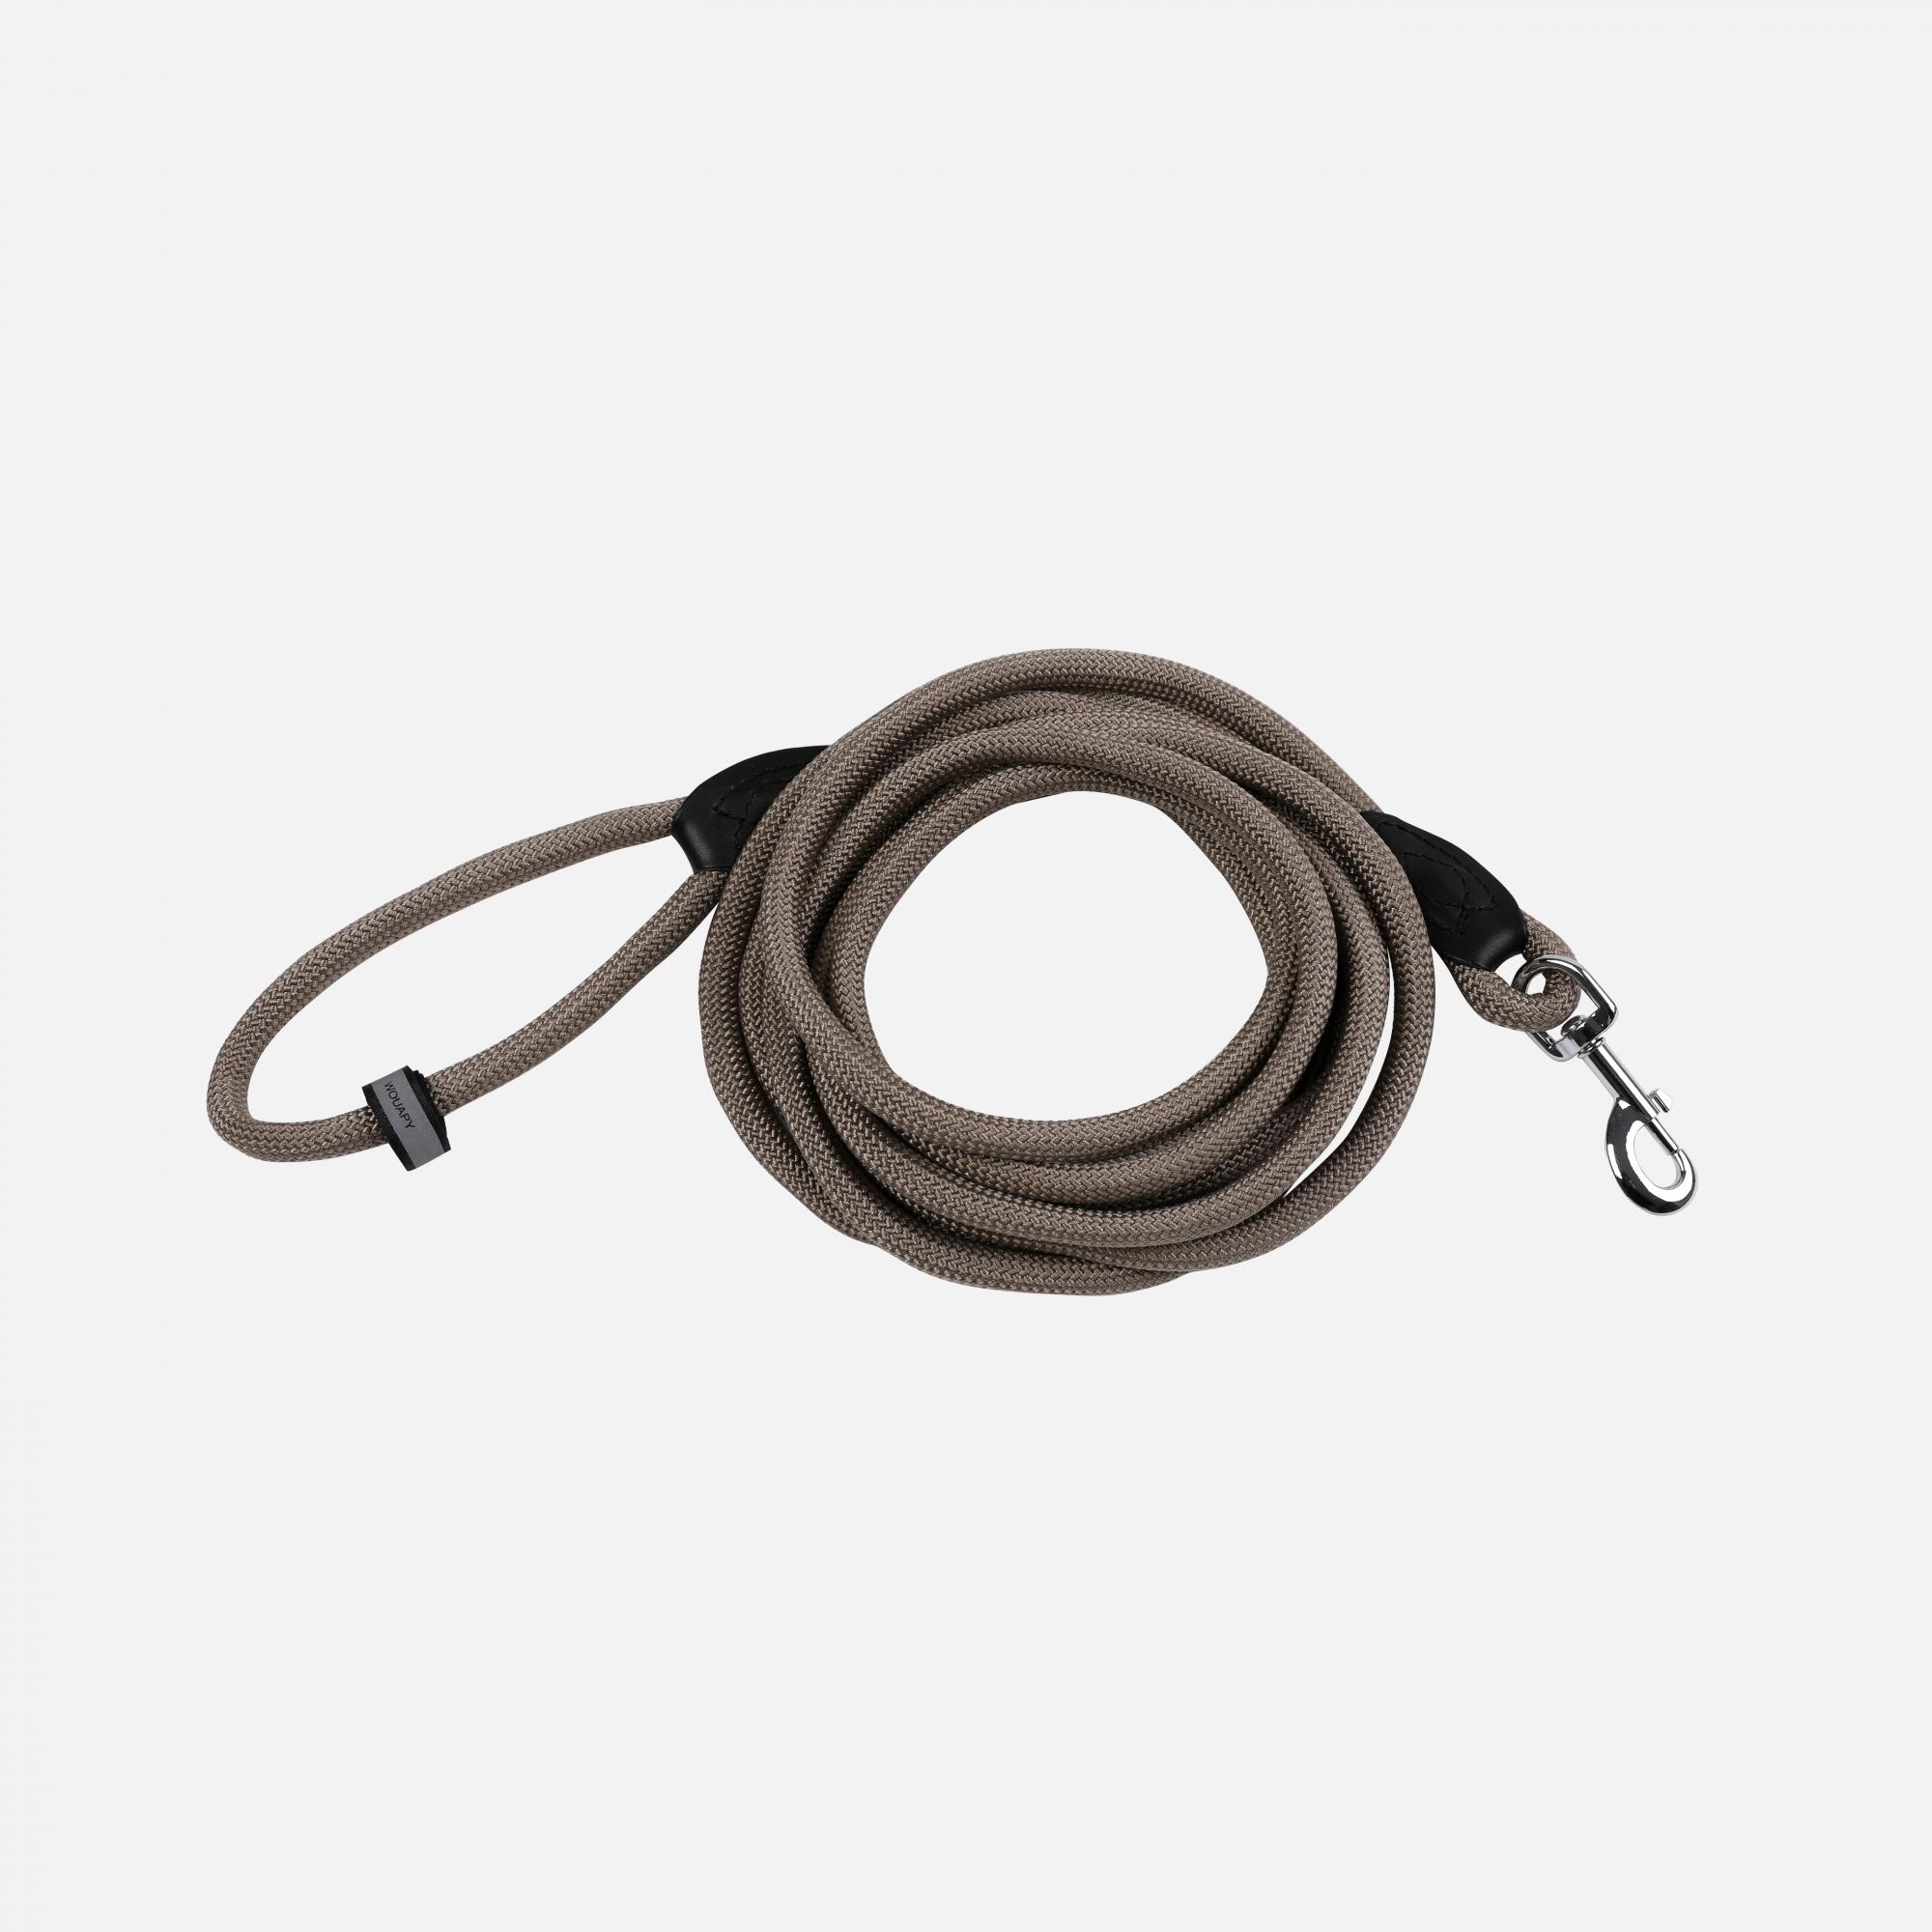 Longe corde forte 5 m Taupe par Wouapy